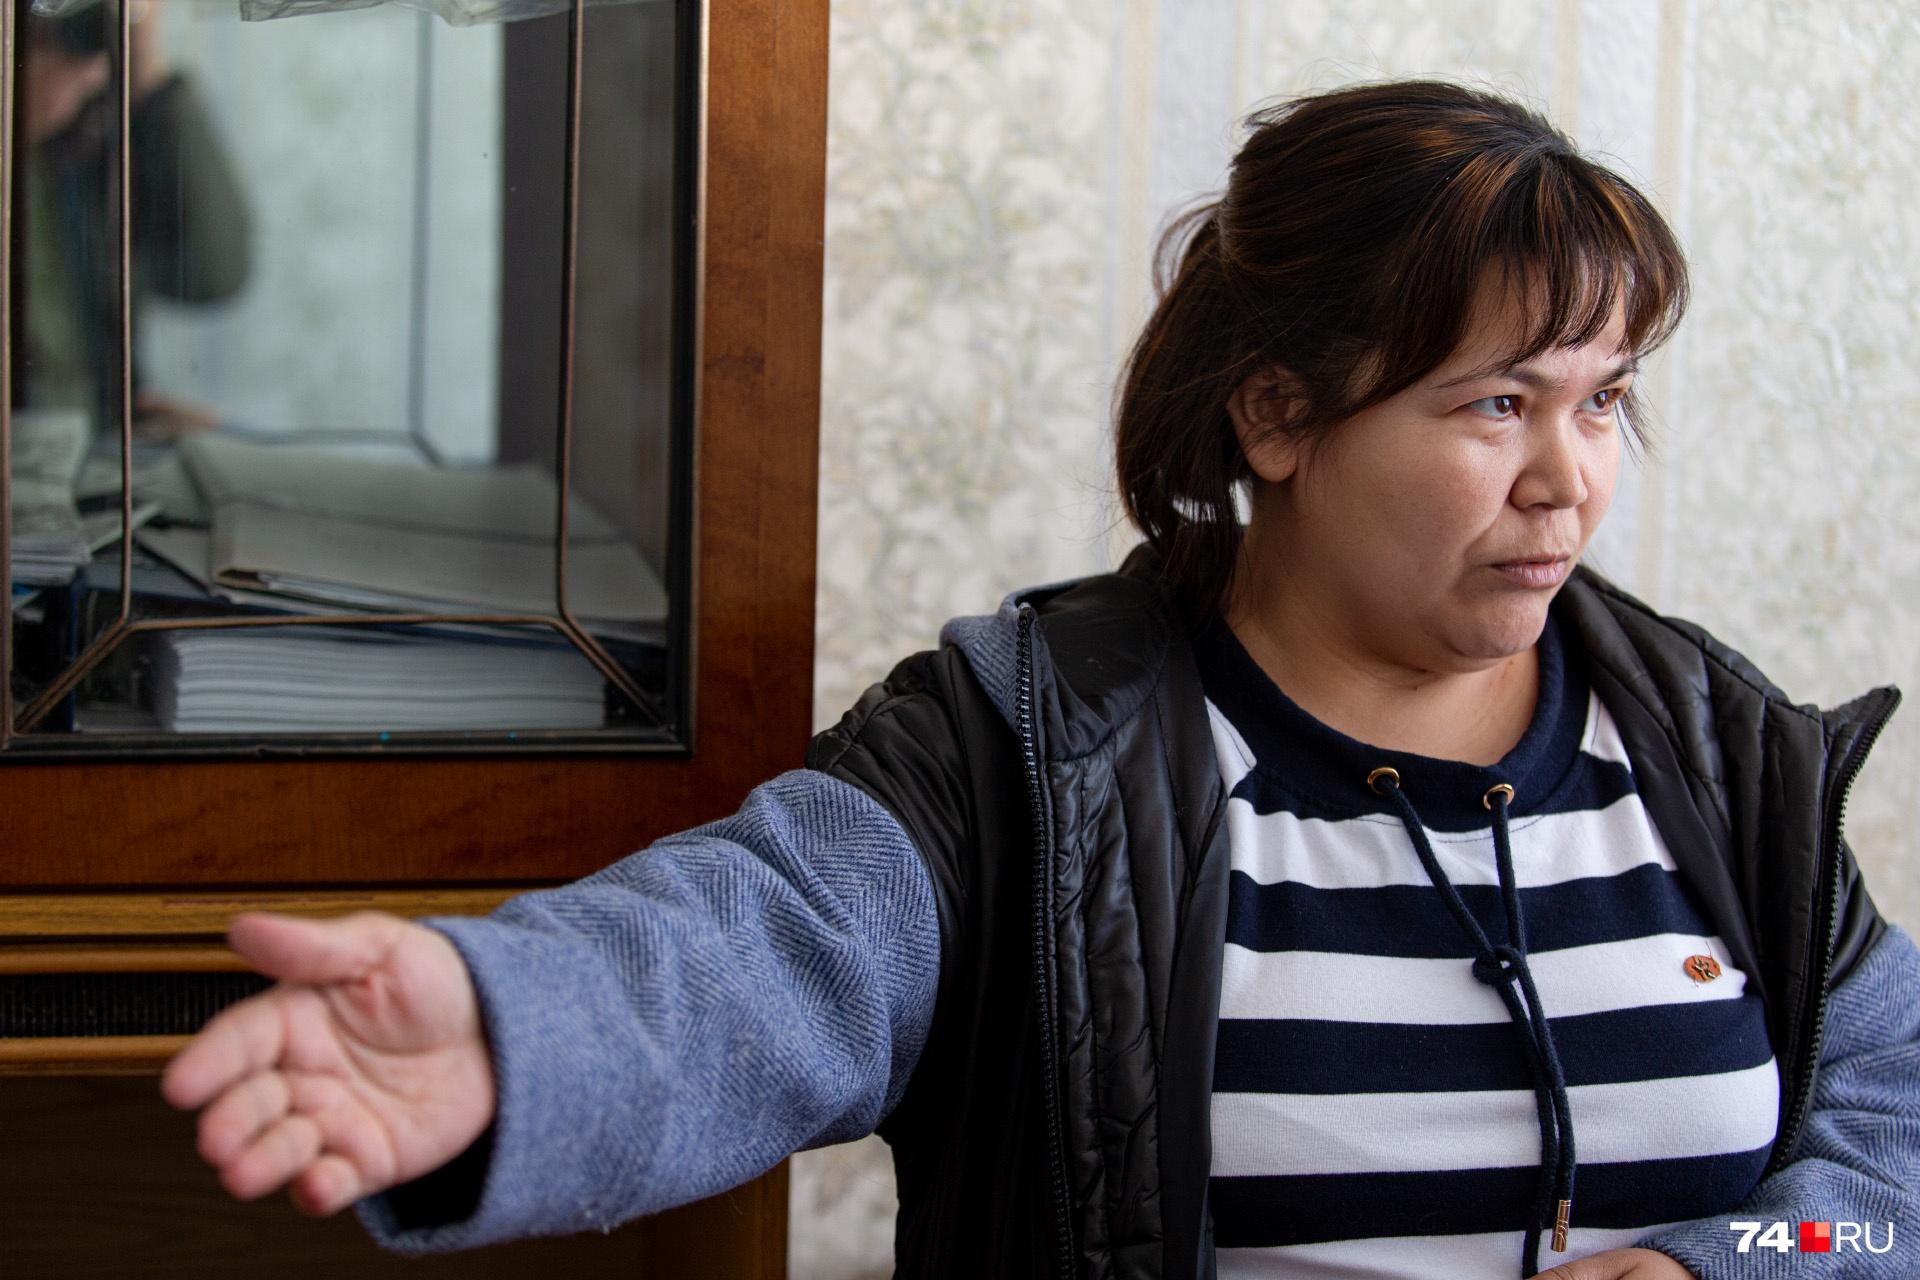 Гульсия Сабитова опросила уже человек 20, и никто из них про избиение детей не слышал